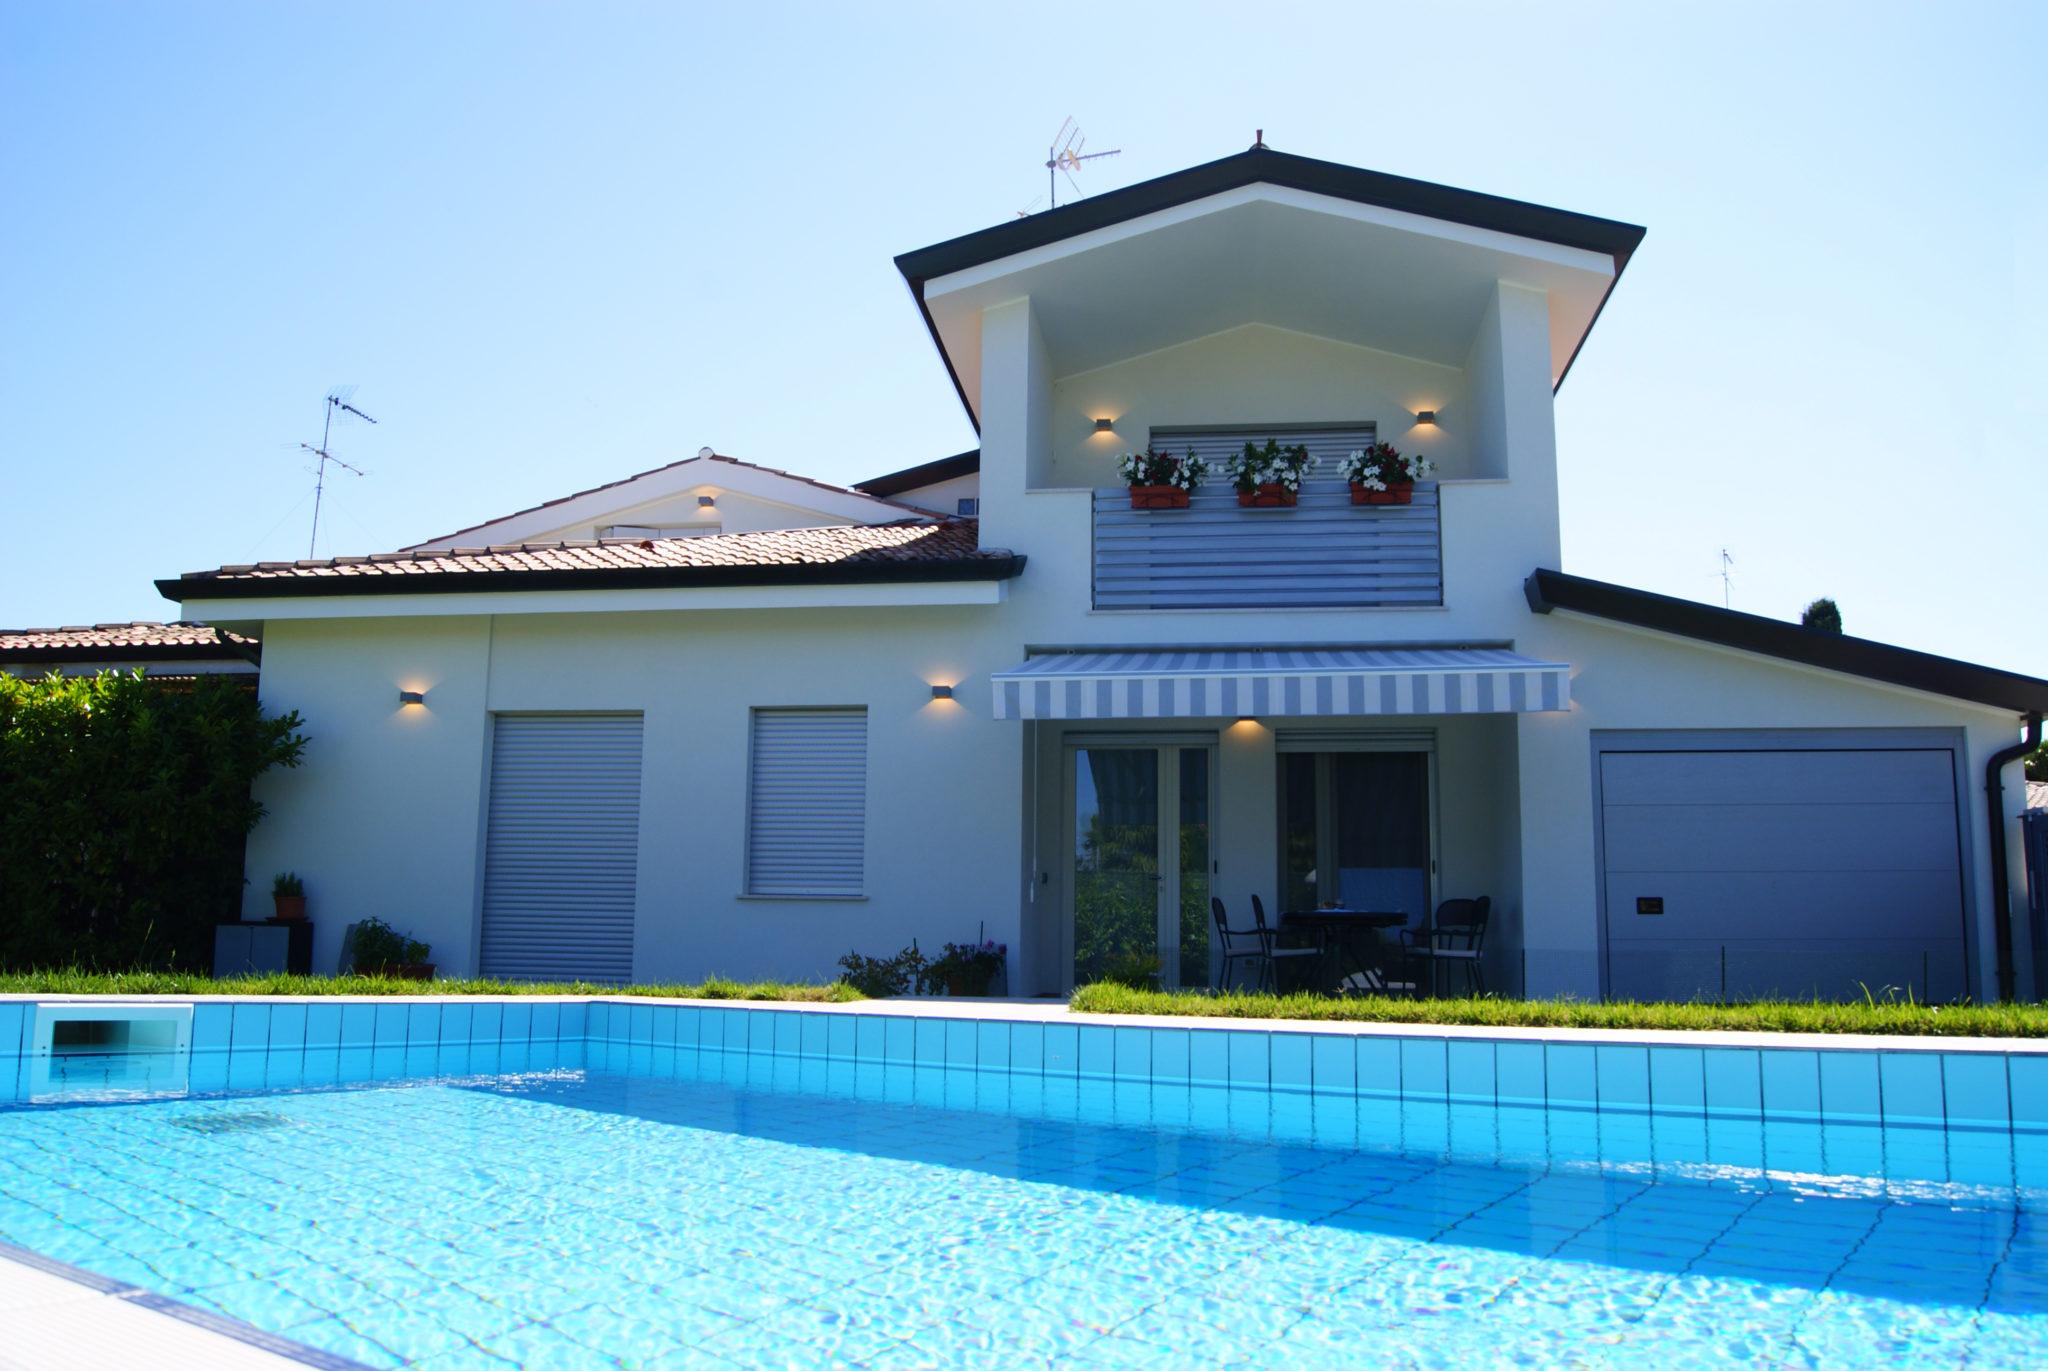 vista frontale di villetta con piscina